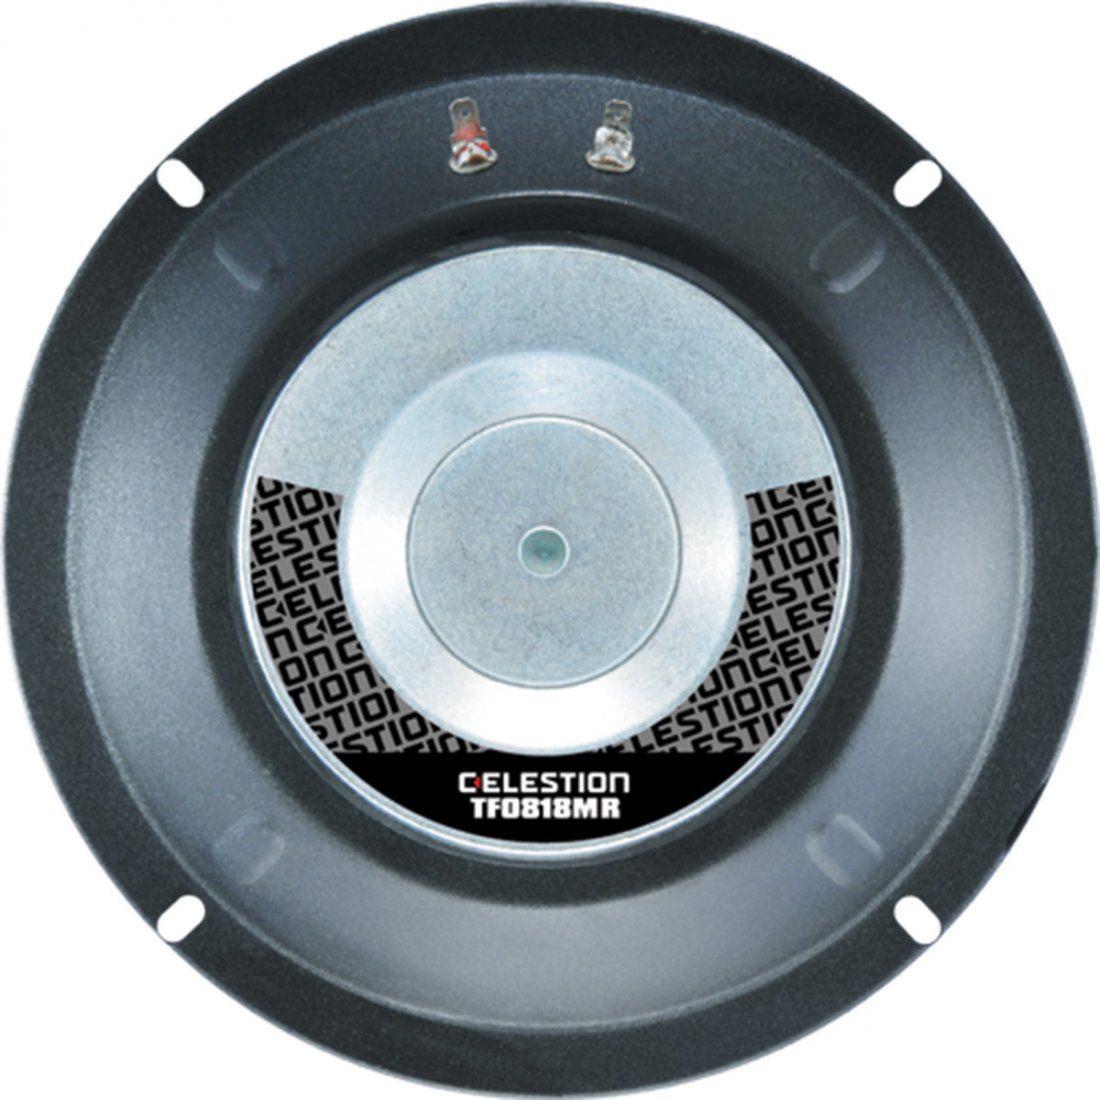 Celestion TF0818MR Woofer Alto Falante para Caixas de Som